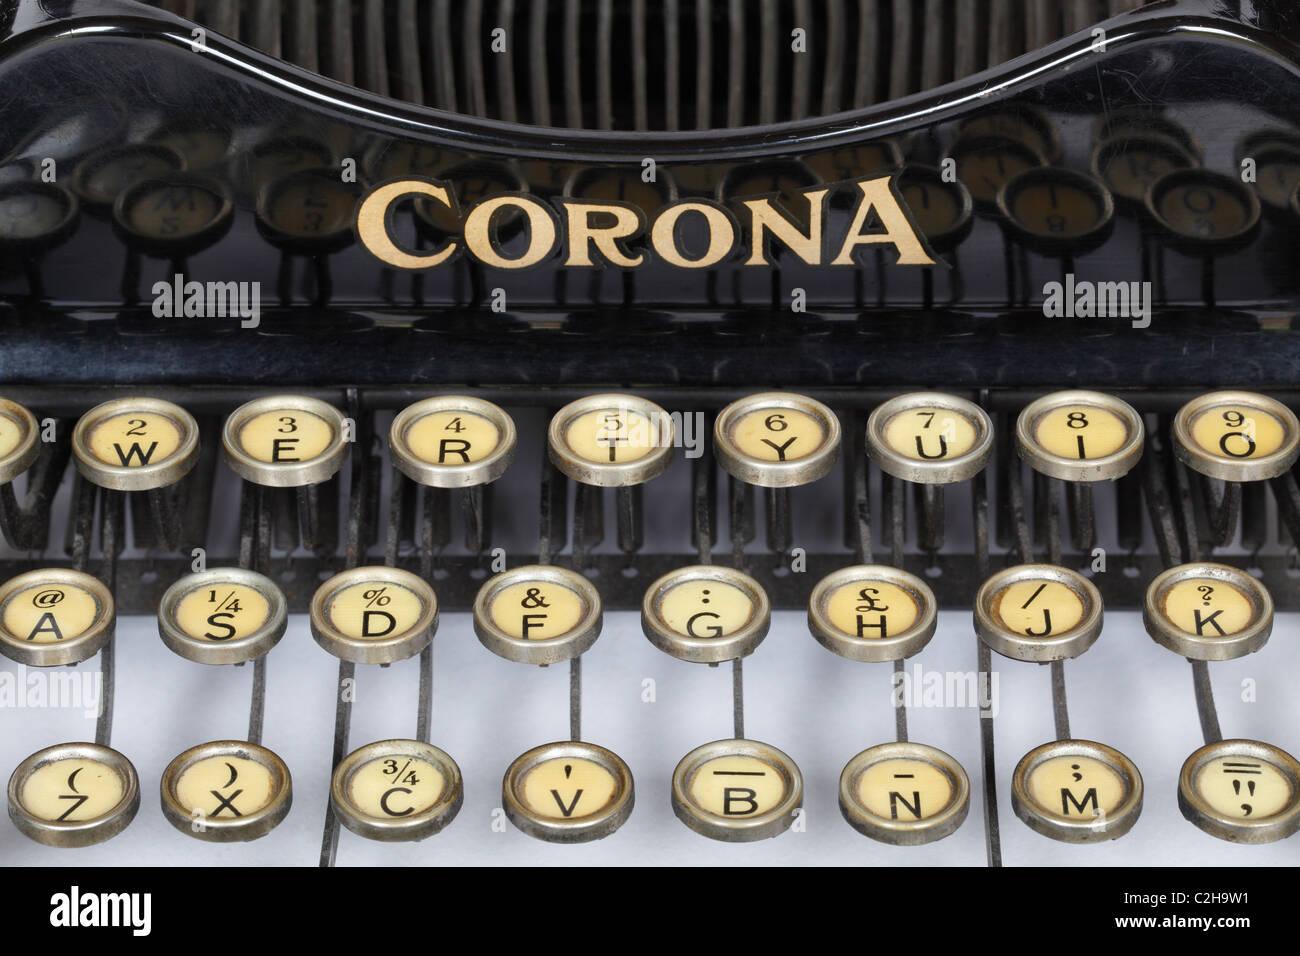 Tasti su un vintage corona 3 di piegatura della macchina da scrivere portatile Immagini Stock